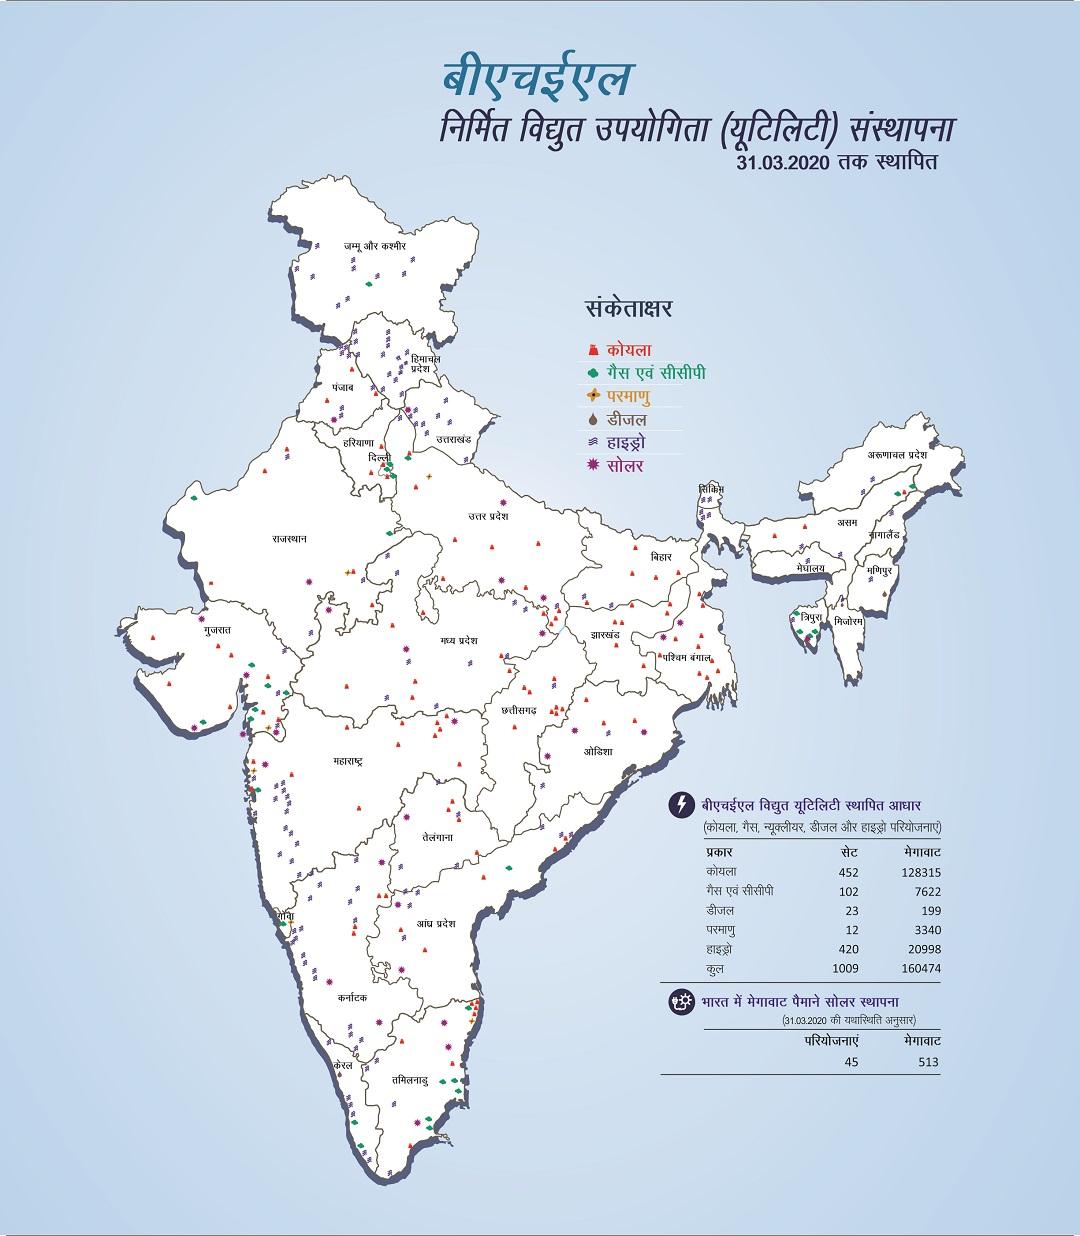 भारत में विद्युत स्थापना की छवि